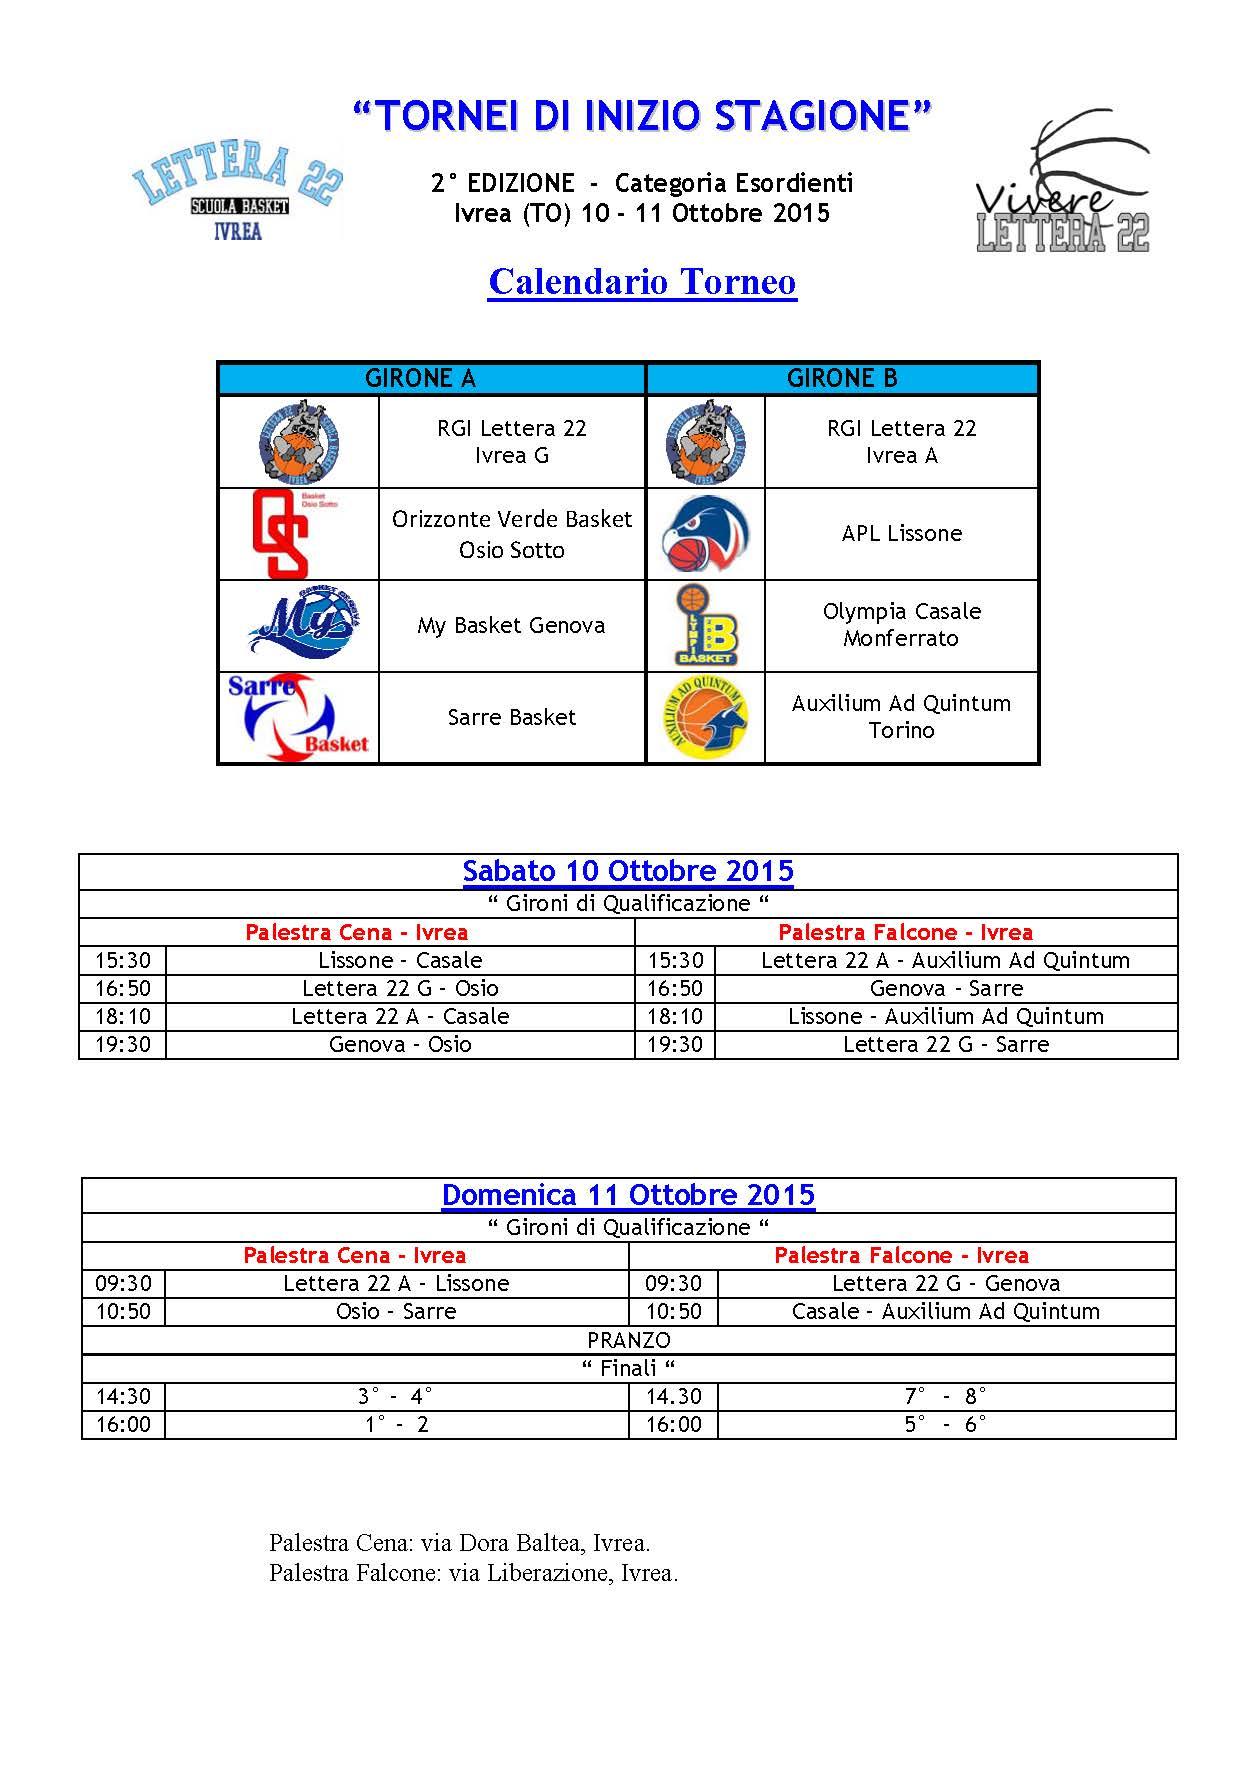 Calendario Torneo A 7 Squadre.Otto Squadre Per Il Torneo Esordienti Asd Lettera 22 Ivrea